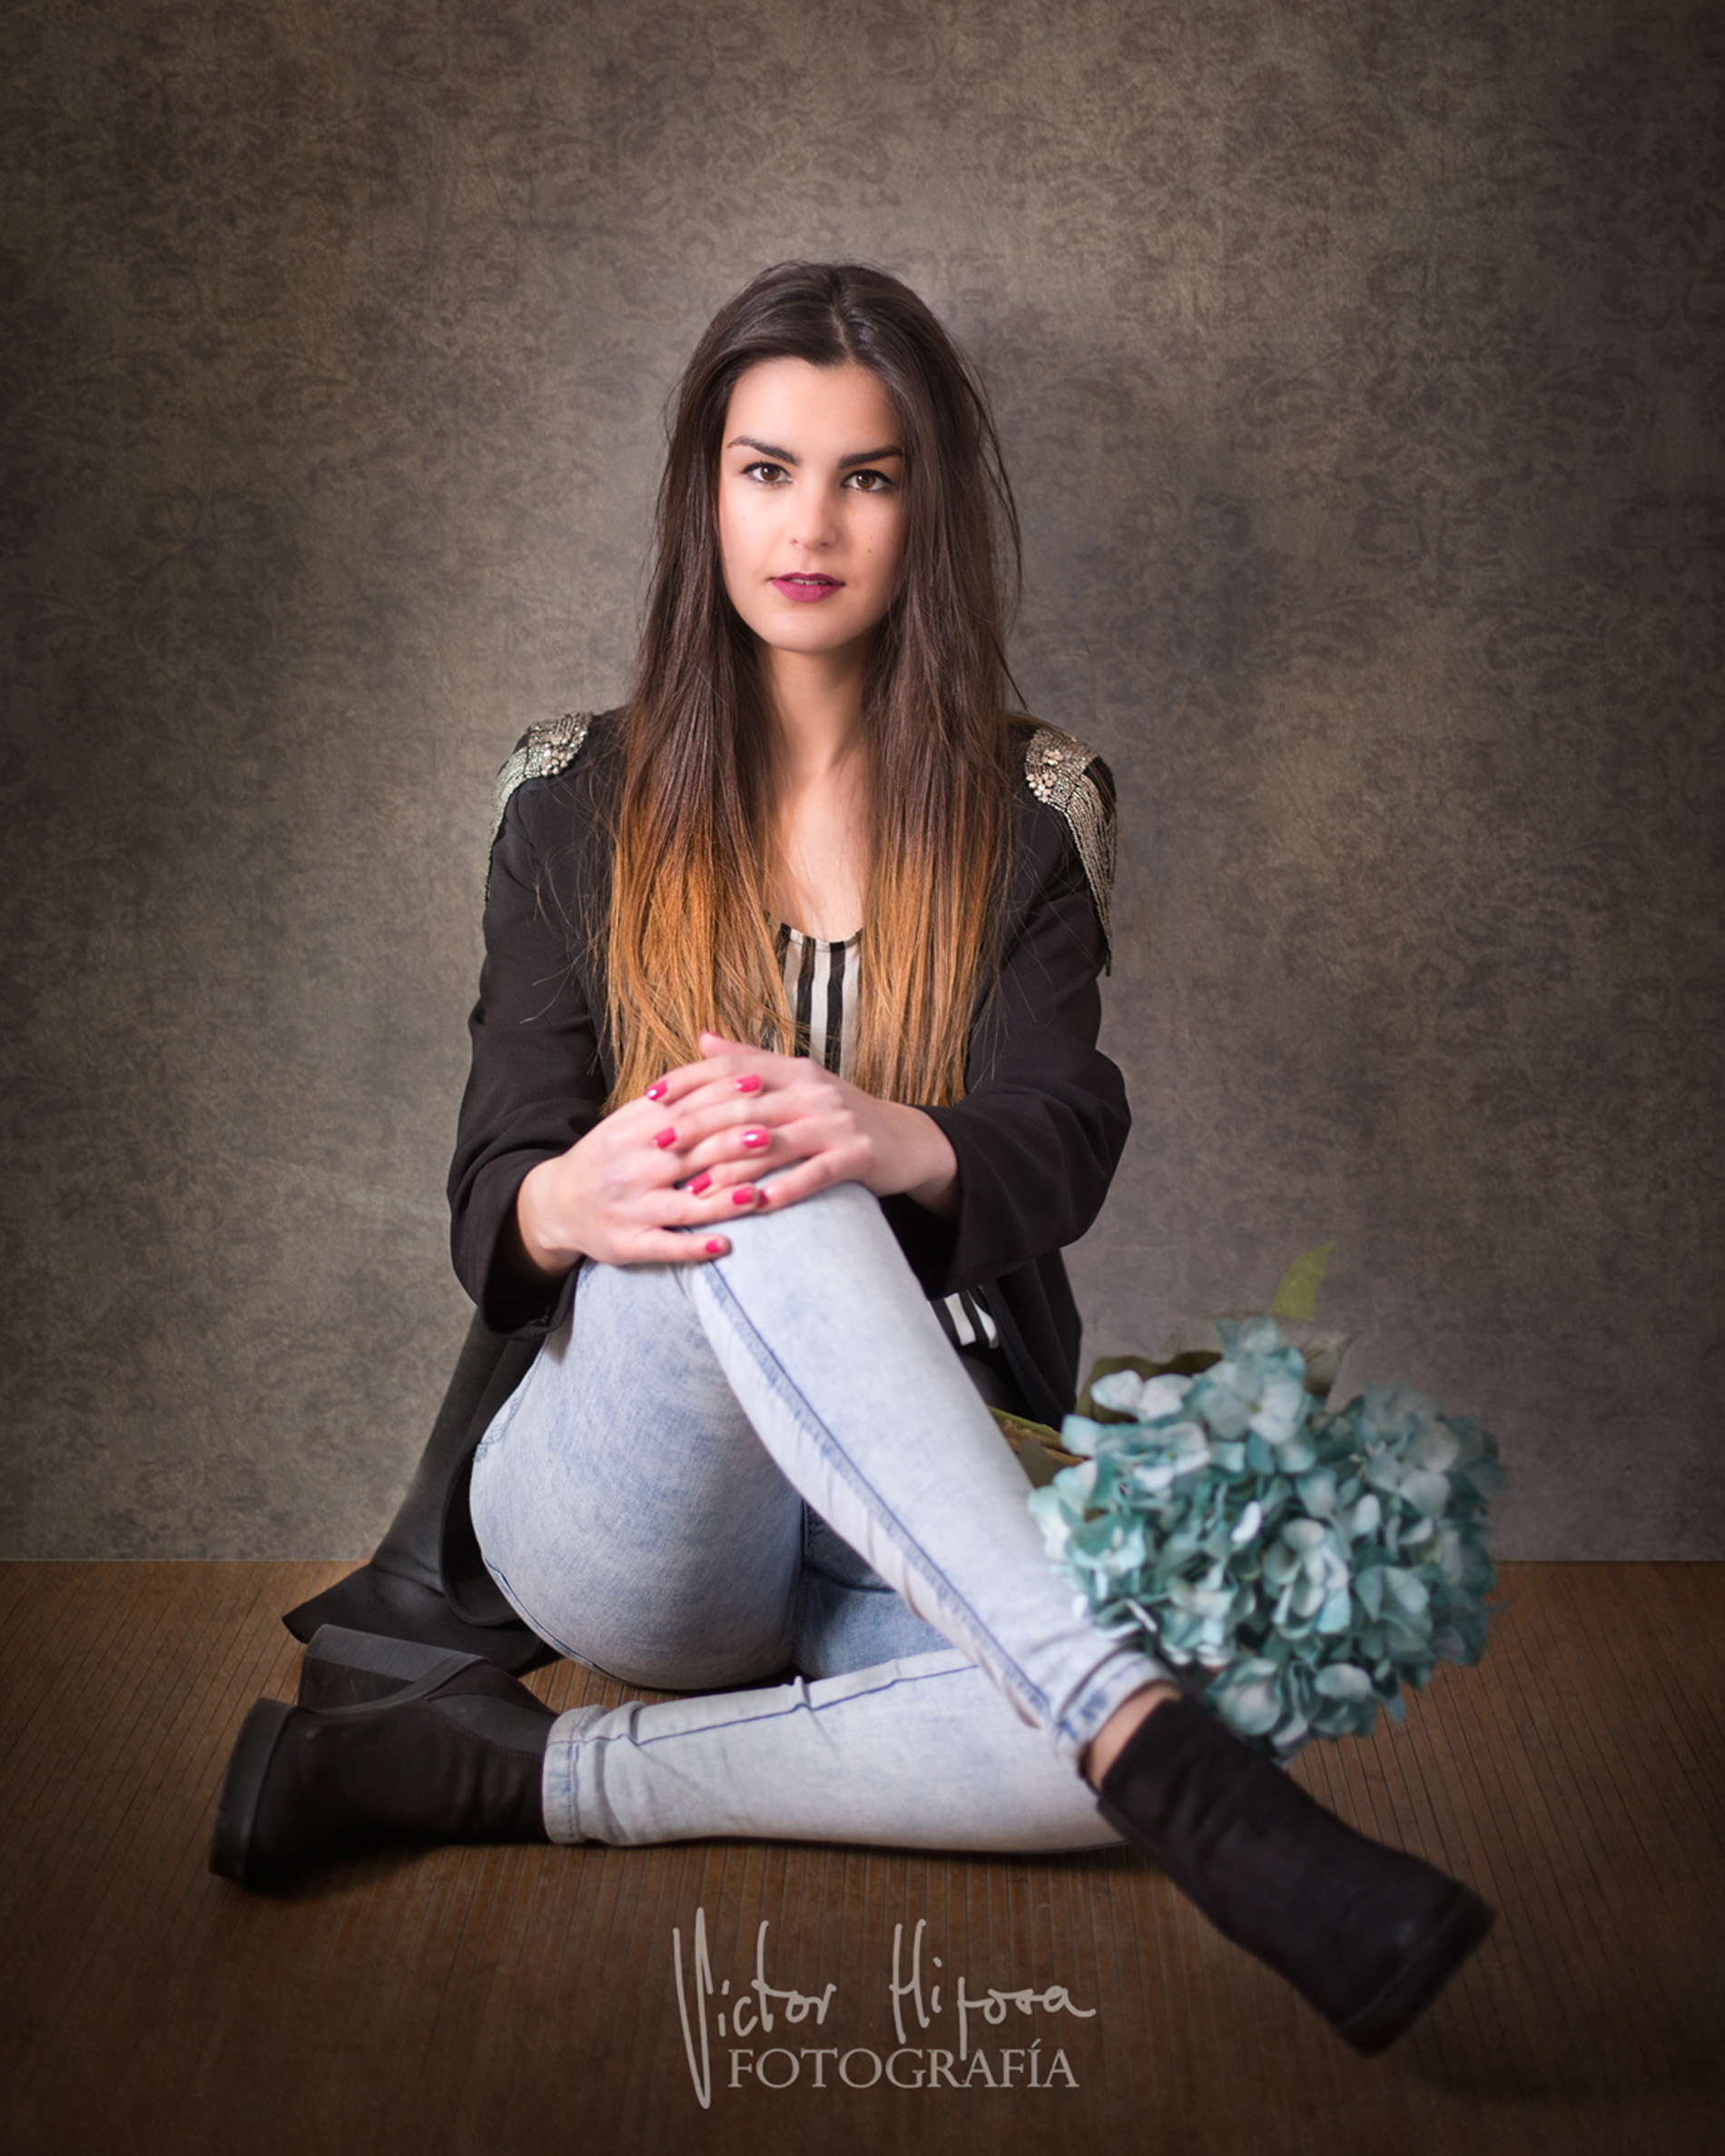 Retrato - Fotografías de retratos - Foto y Video - Víctor y Esmeralda